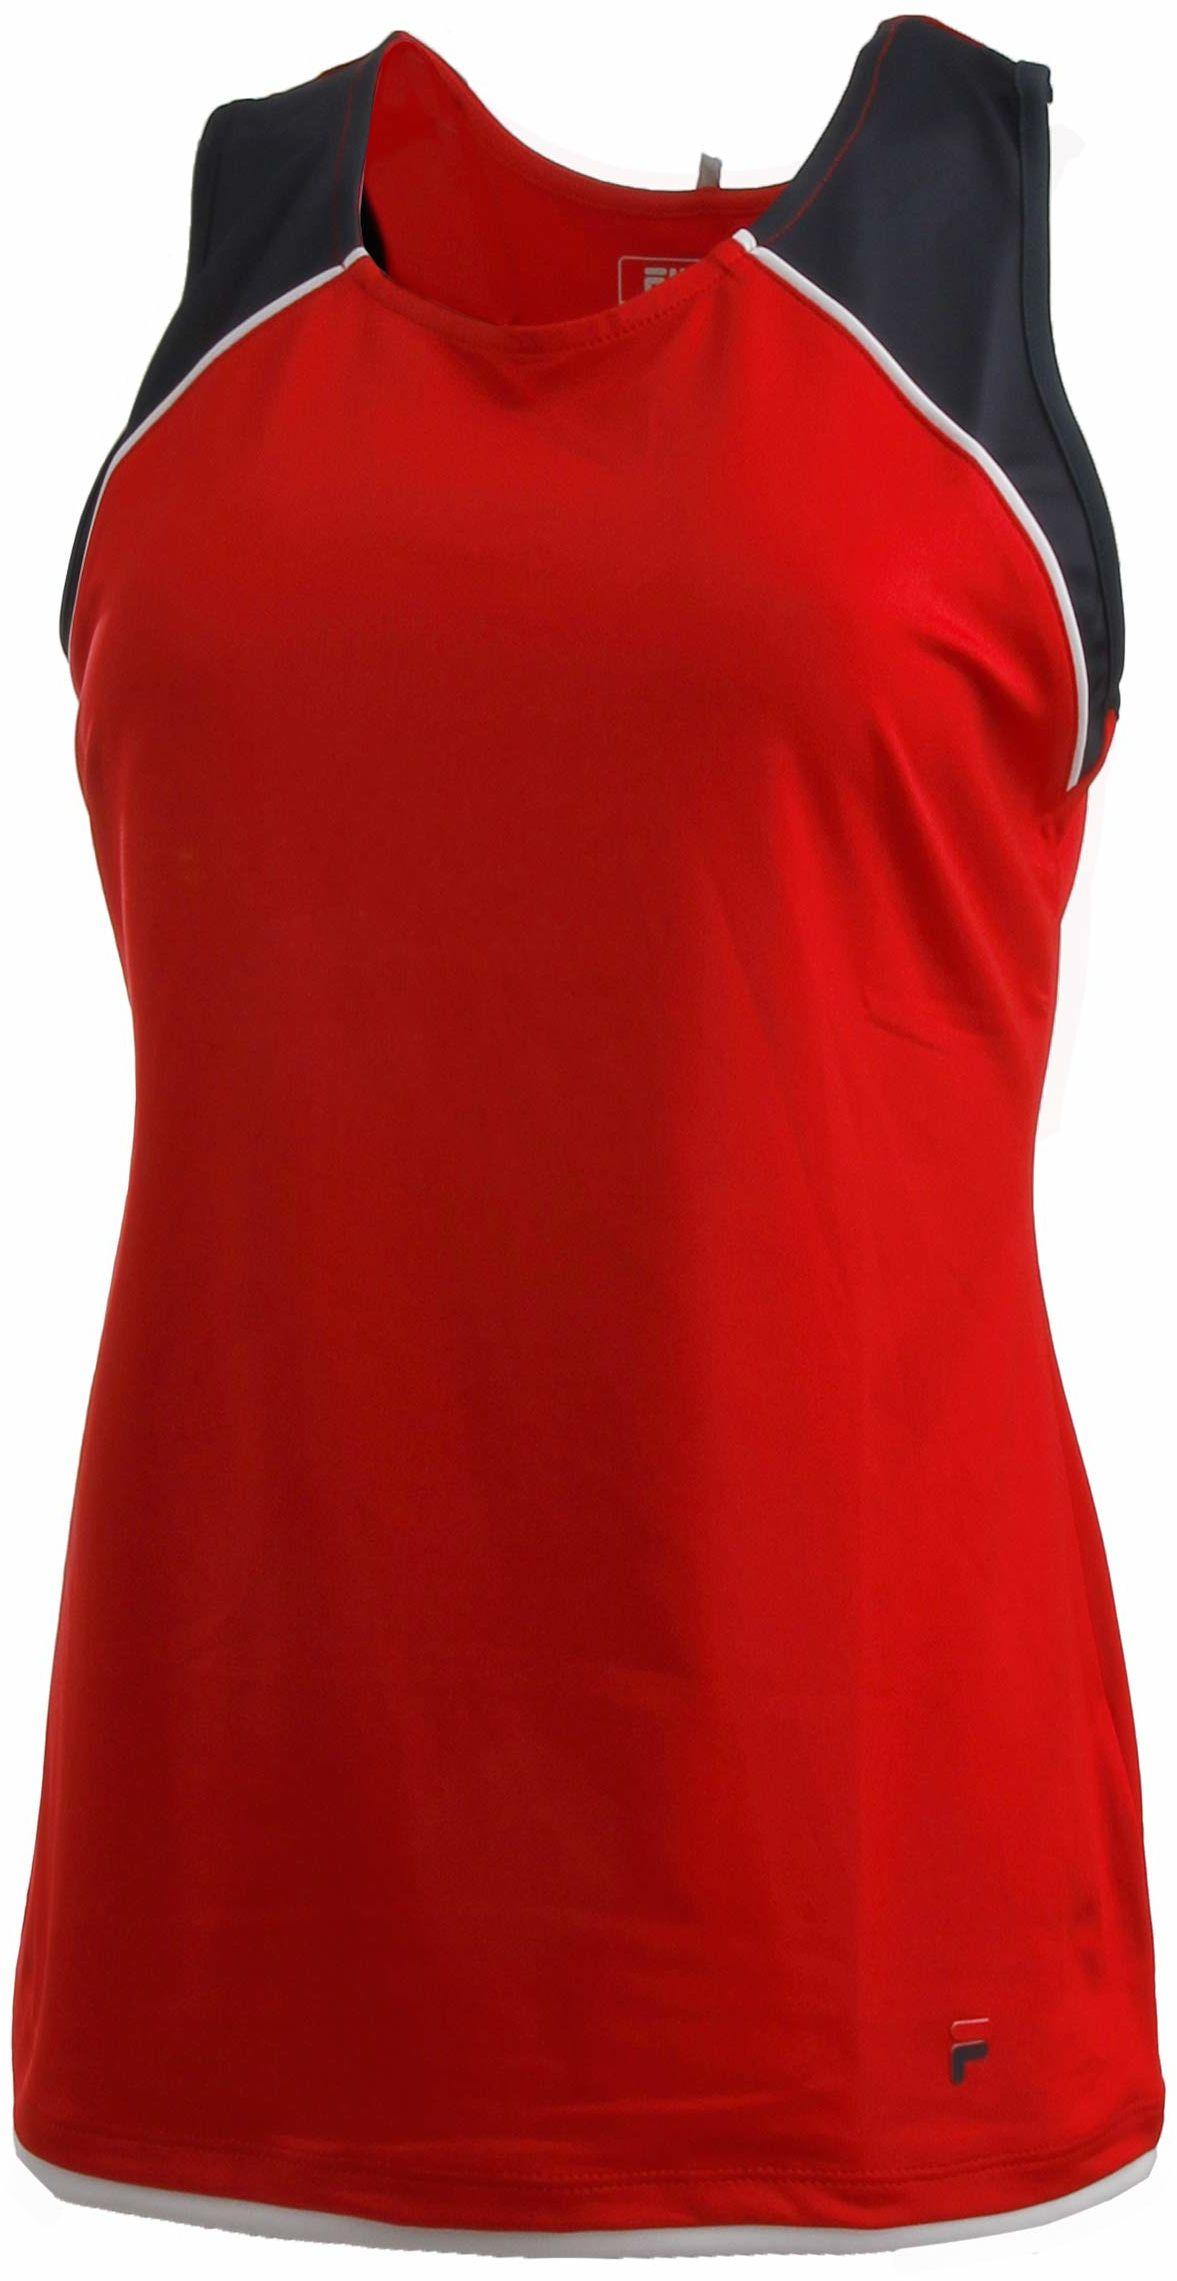 Fila Thekla Tank-Top czerwony, ciemnoniebieski, XXL odzież wierzchnia